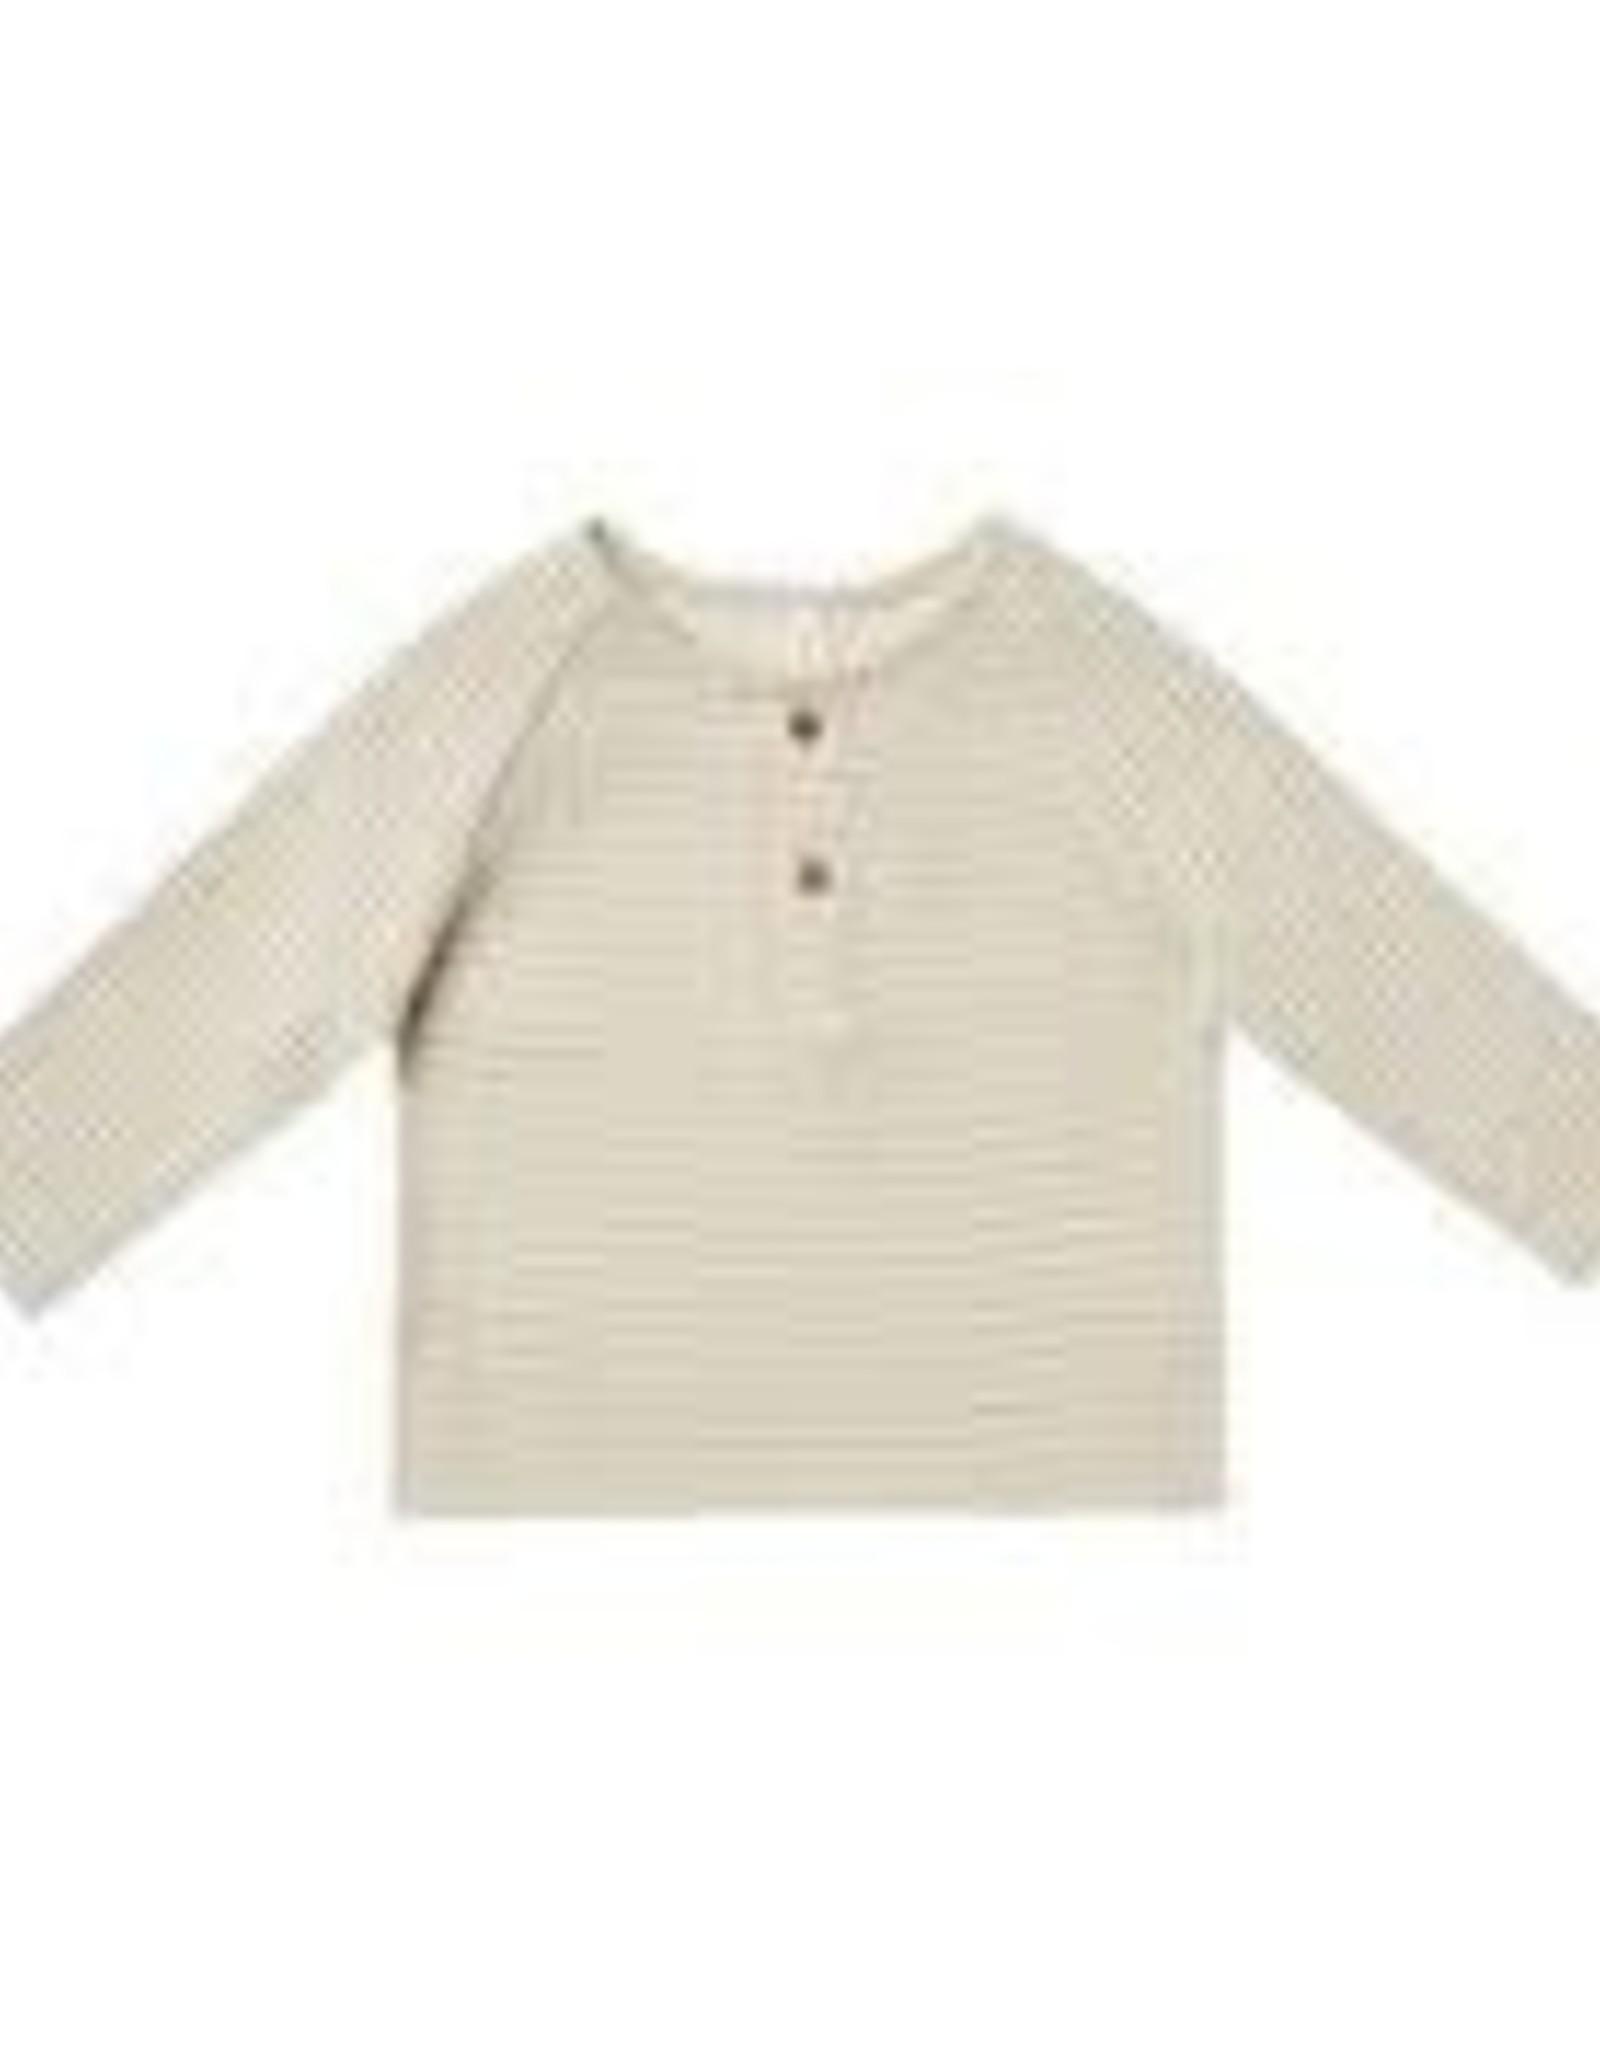 Quincy Mae Zion Shirt